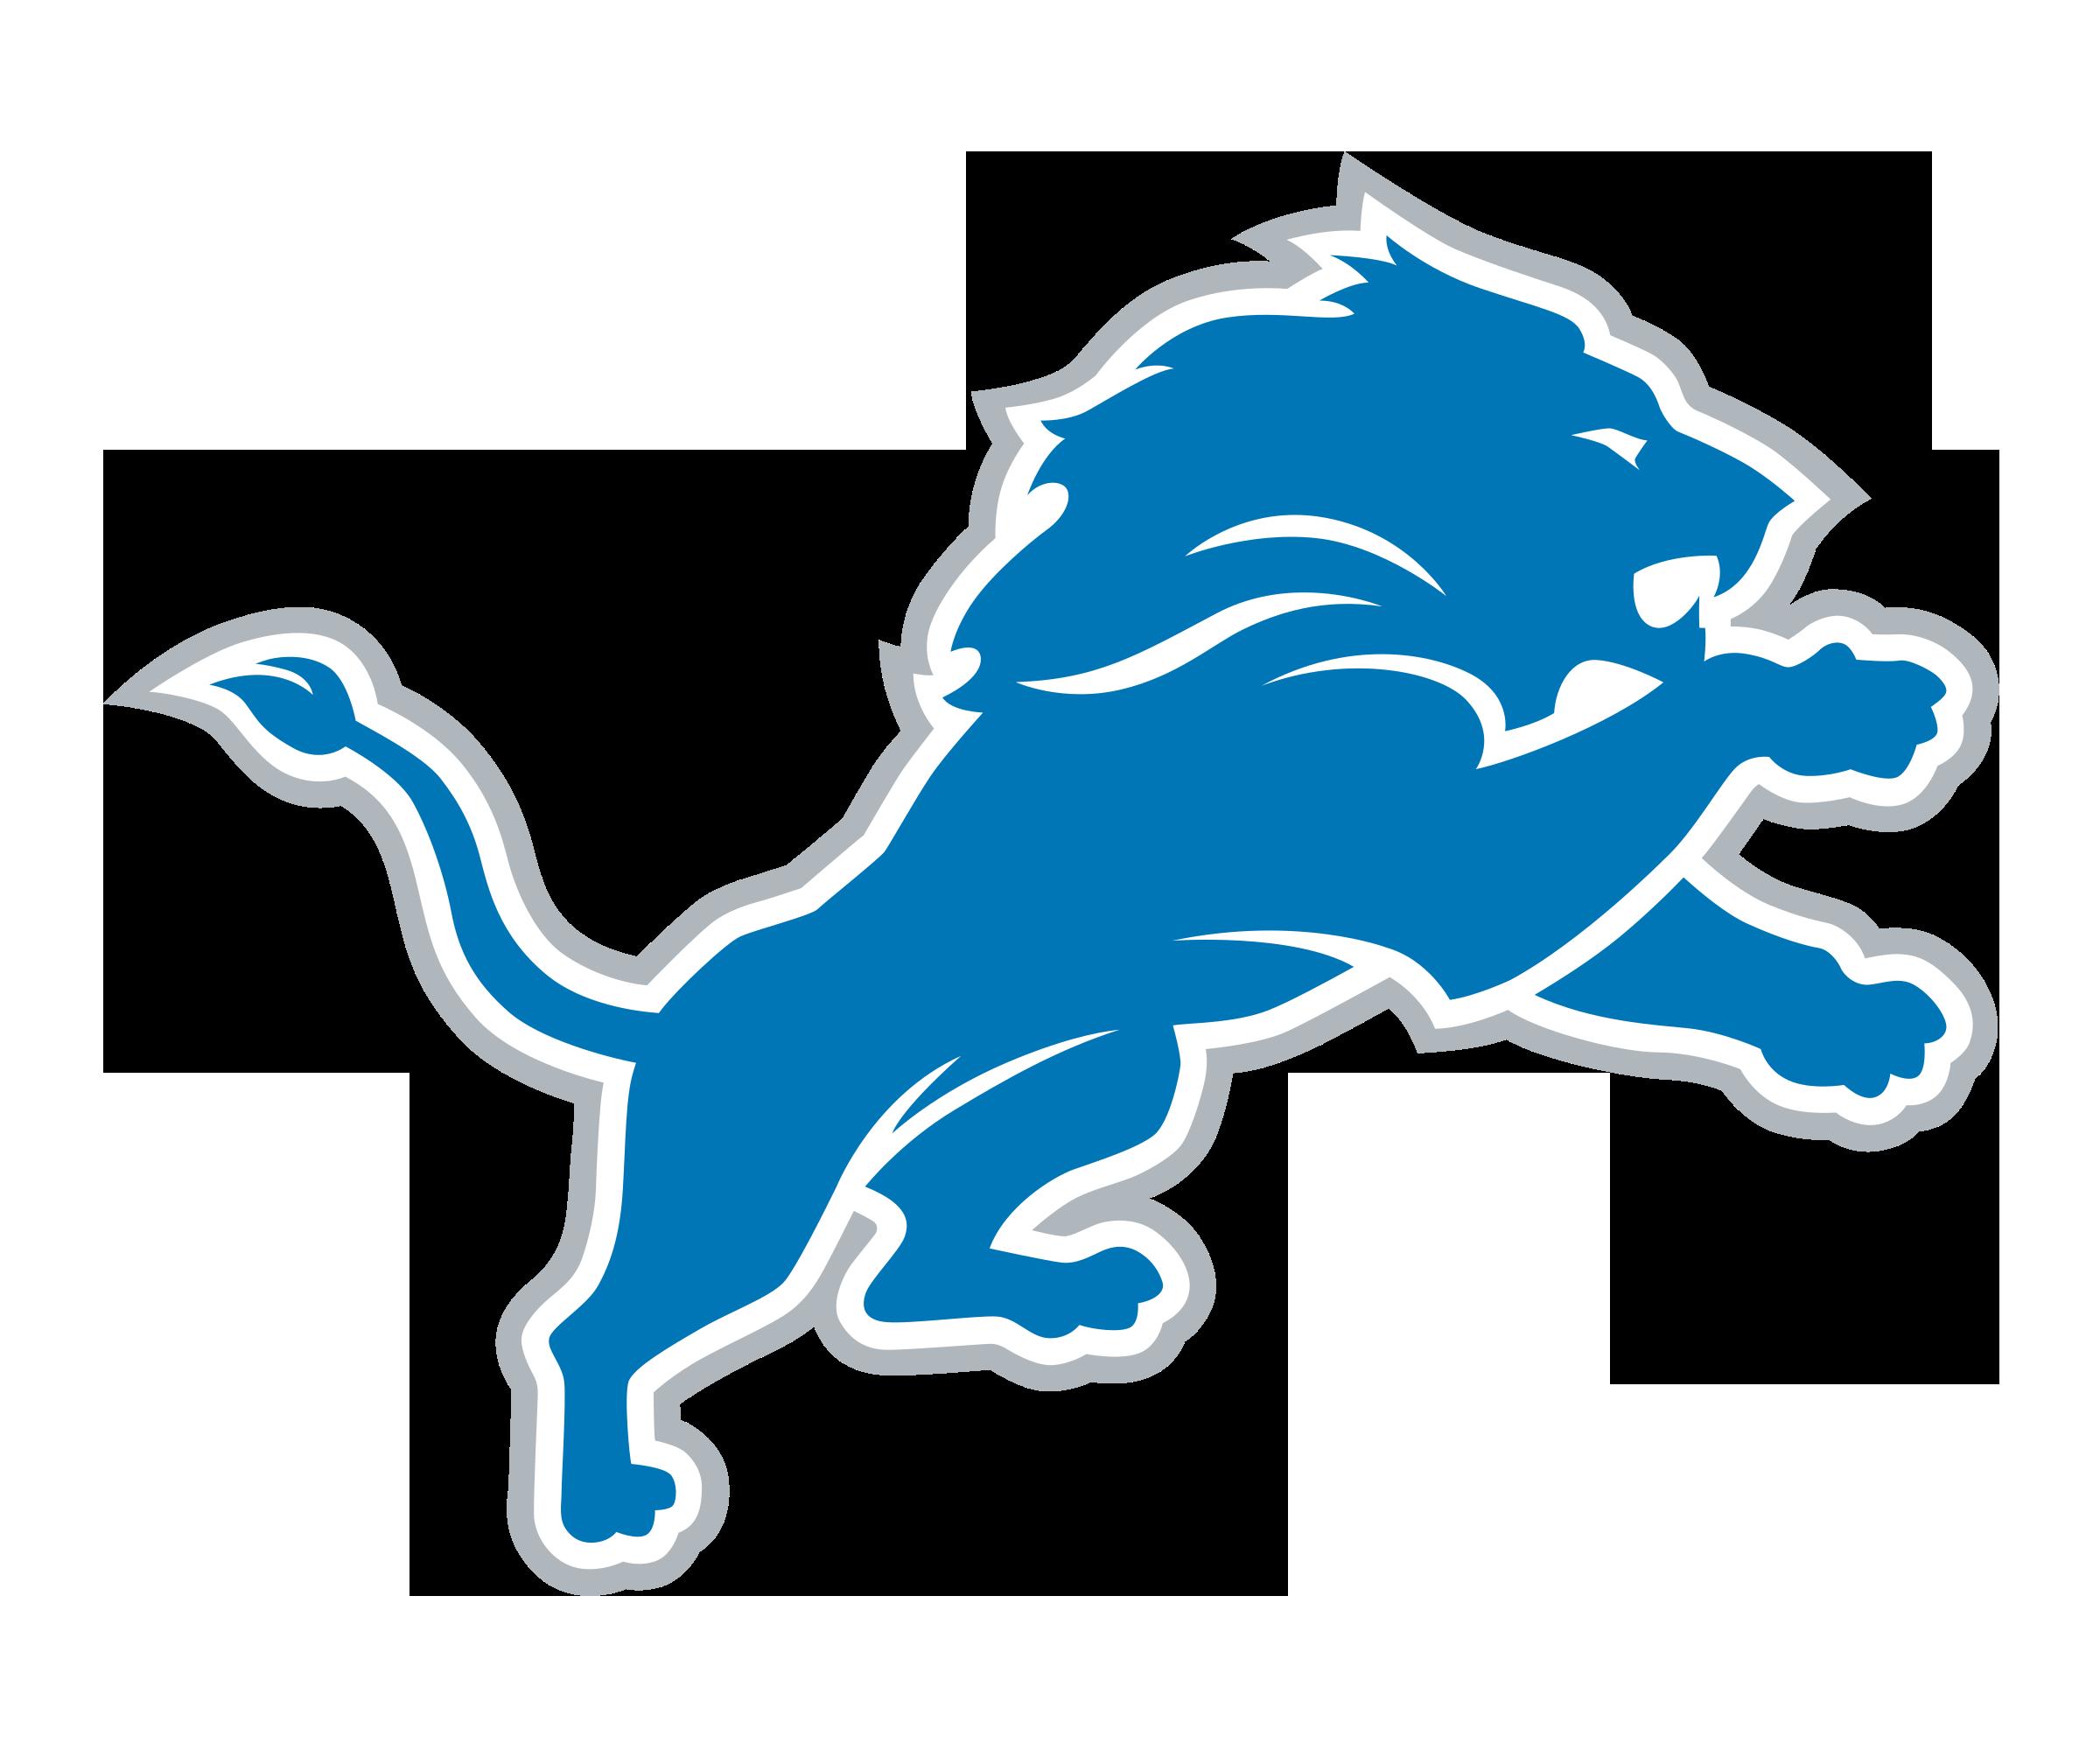 detroit lions logo png transparent svg vector freebie supply rh freebiesupply com Detroit Lions Logo Black and White Funny Detroit Lions Logos